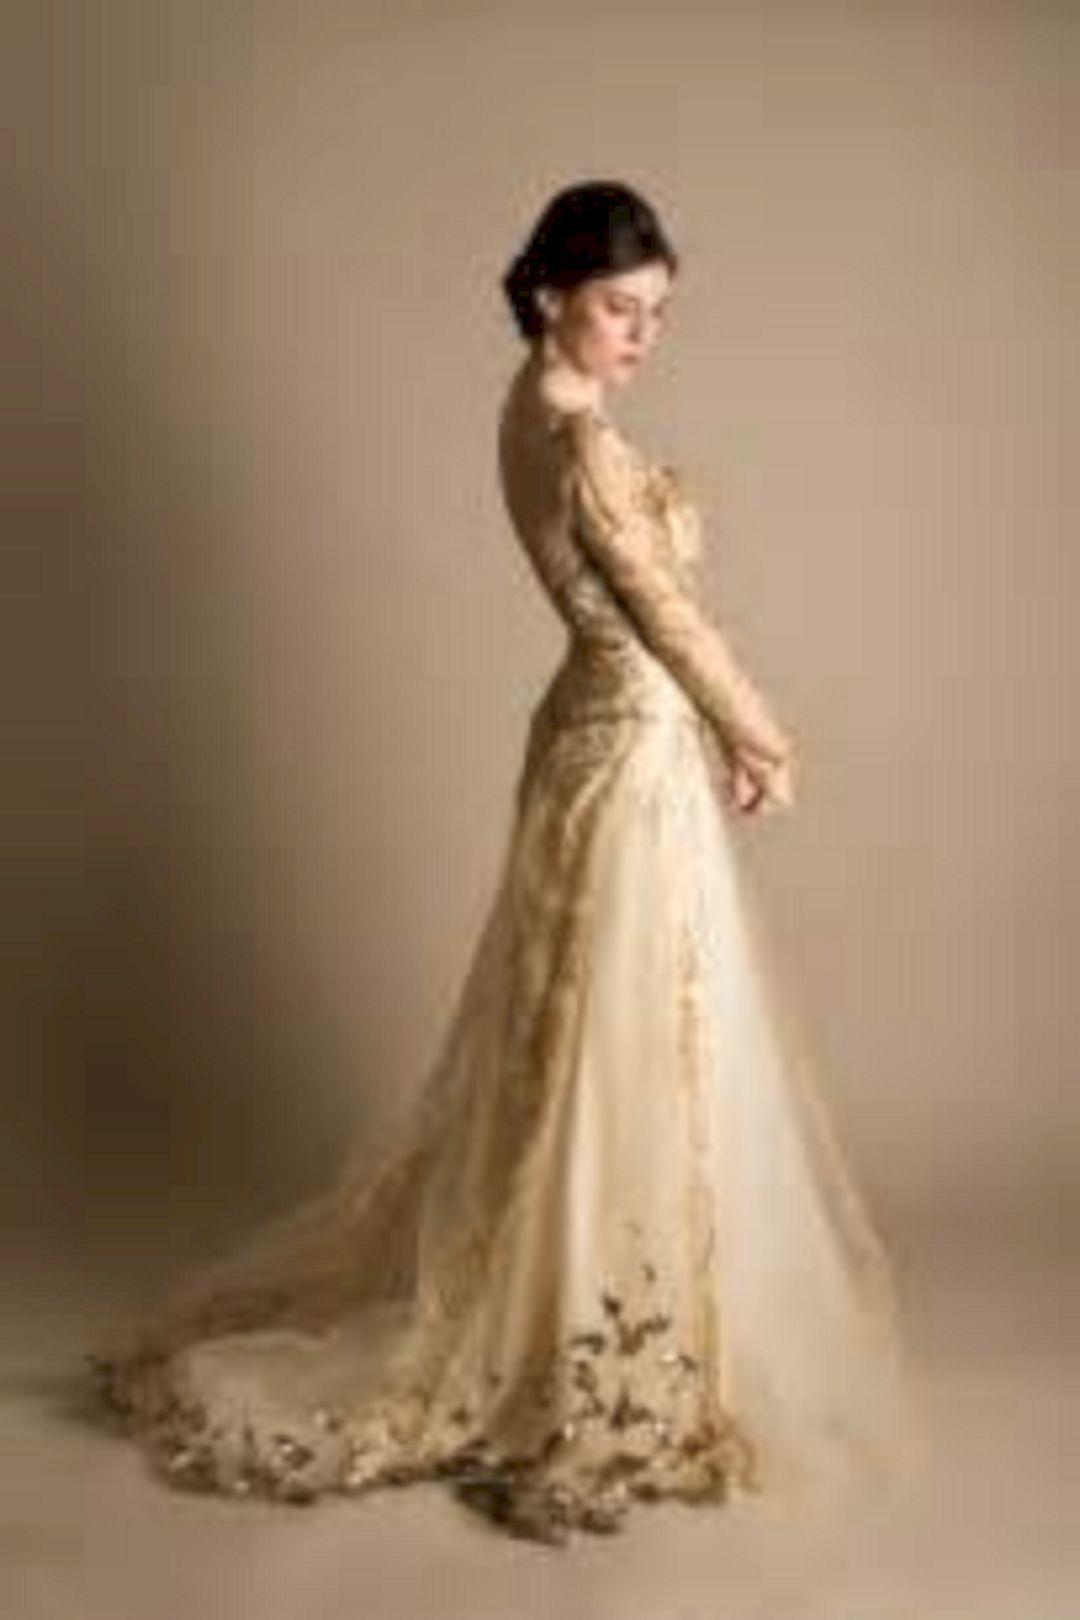 Luxurious golden wedding dress design best picture ideas